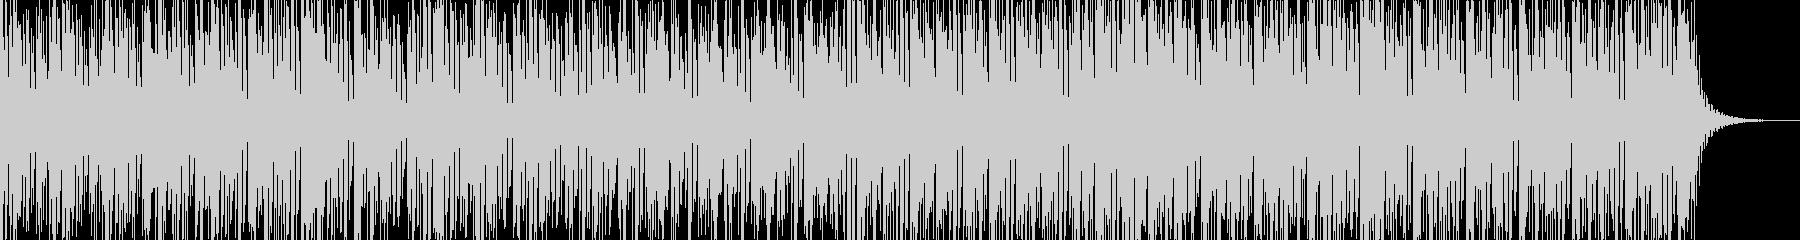 実用的な緊迫感のあるシンセBGM7の未再生の波形